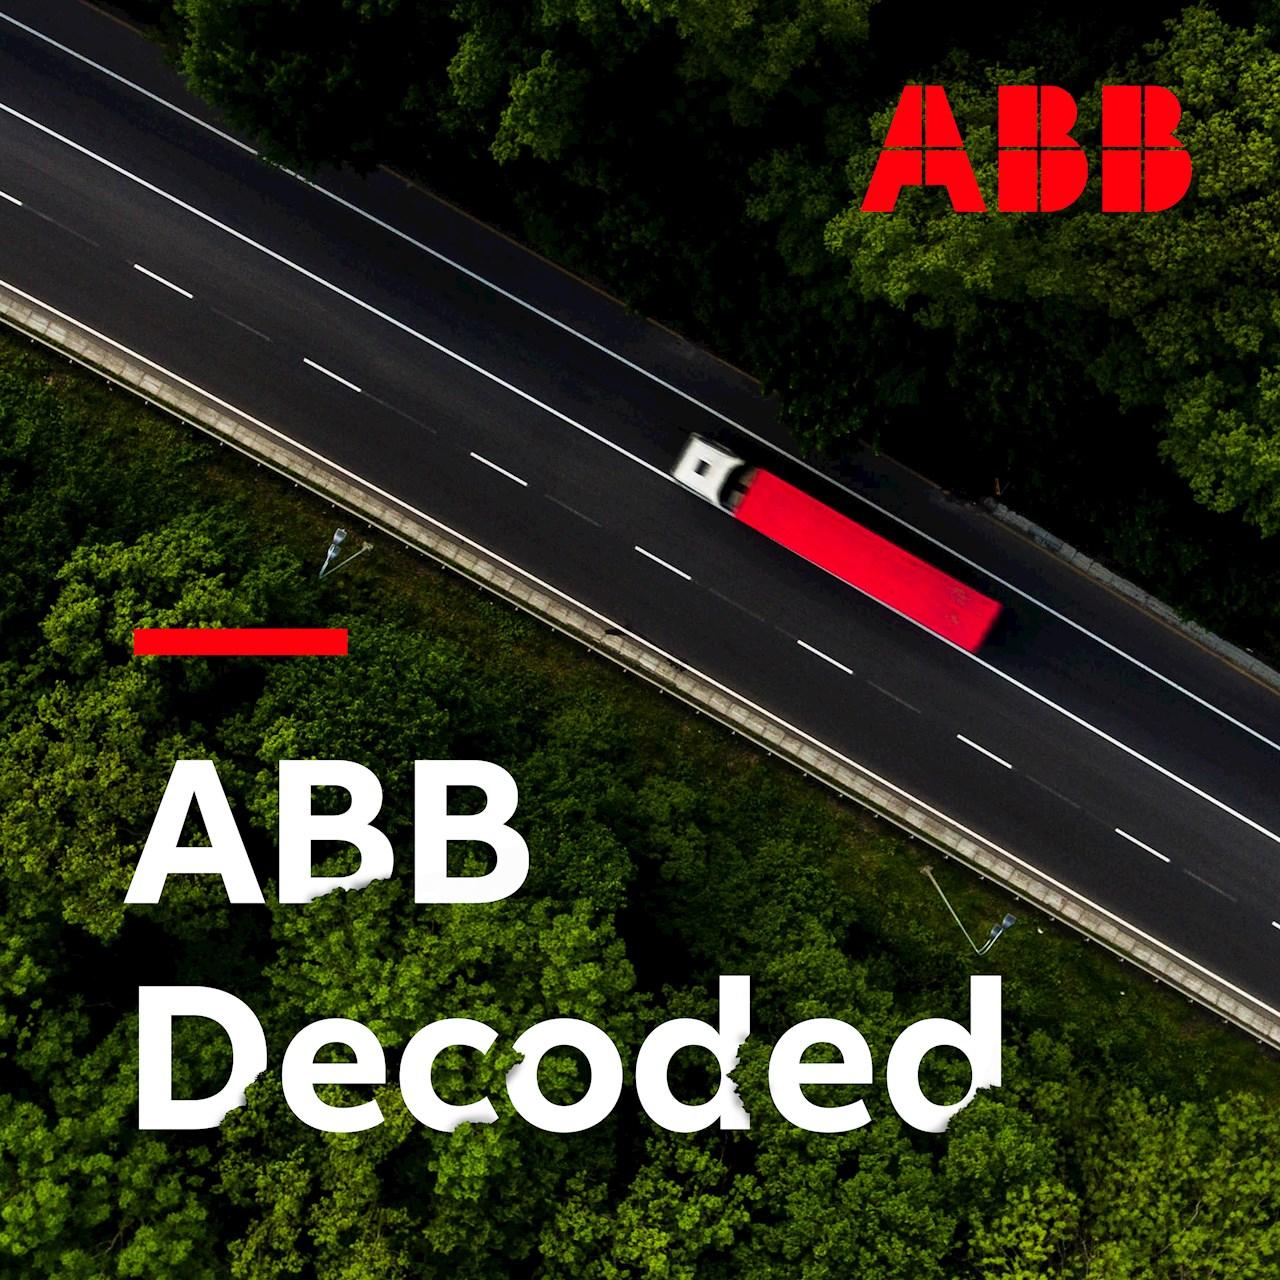 Le dernier épisode d'ABB Decoded traite de l'importance de l'électrification des parcs de véhicules.